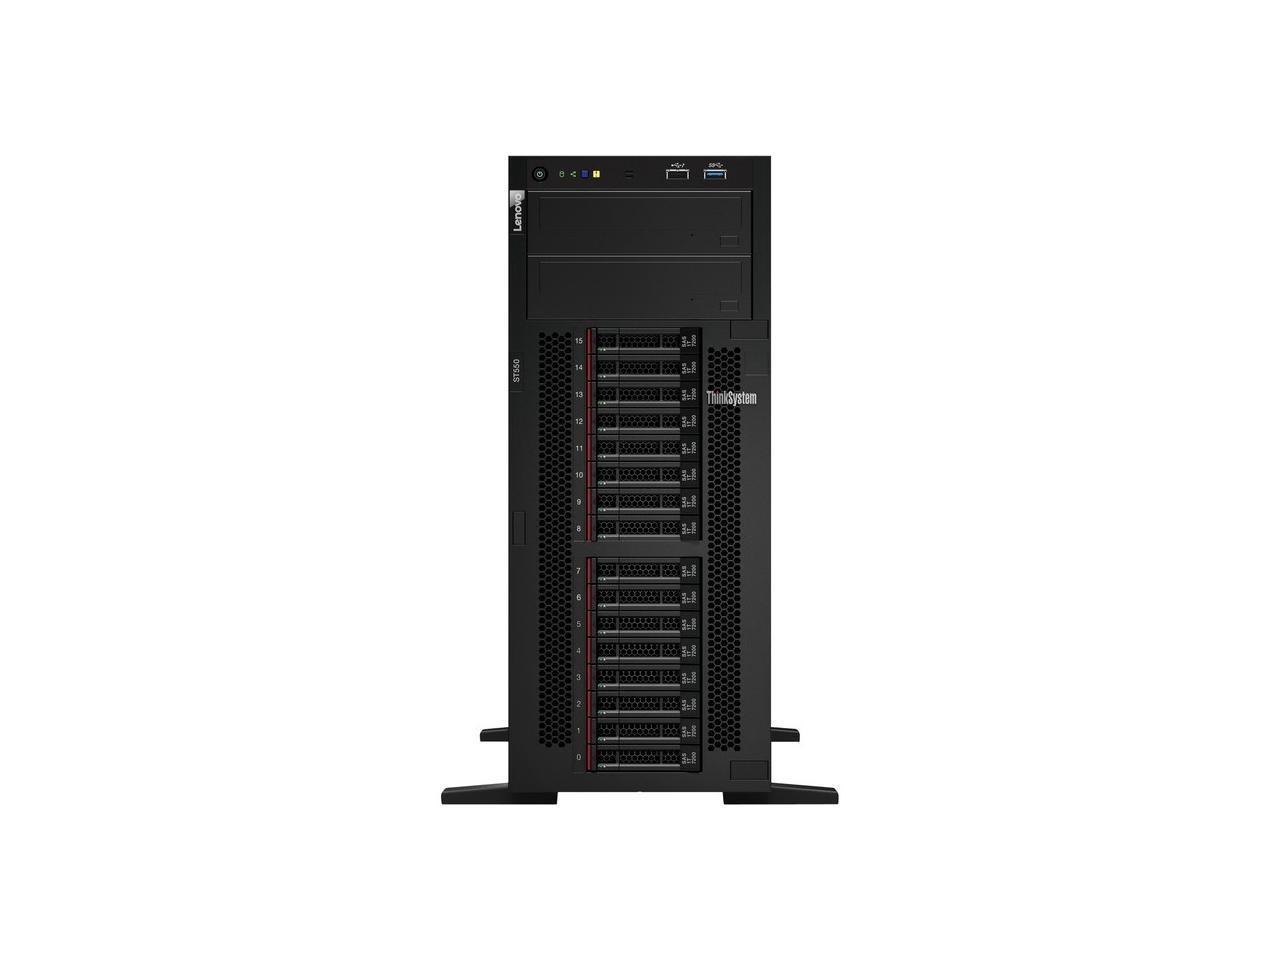 Lenovo Thinksystem ST550 Xeon Bronze 3204 1.90GHz 16GB (No Hdd Os) 1x P/S 750W 7X10A0APNA 4U Tower Server